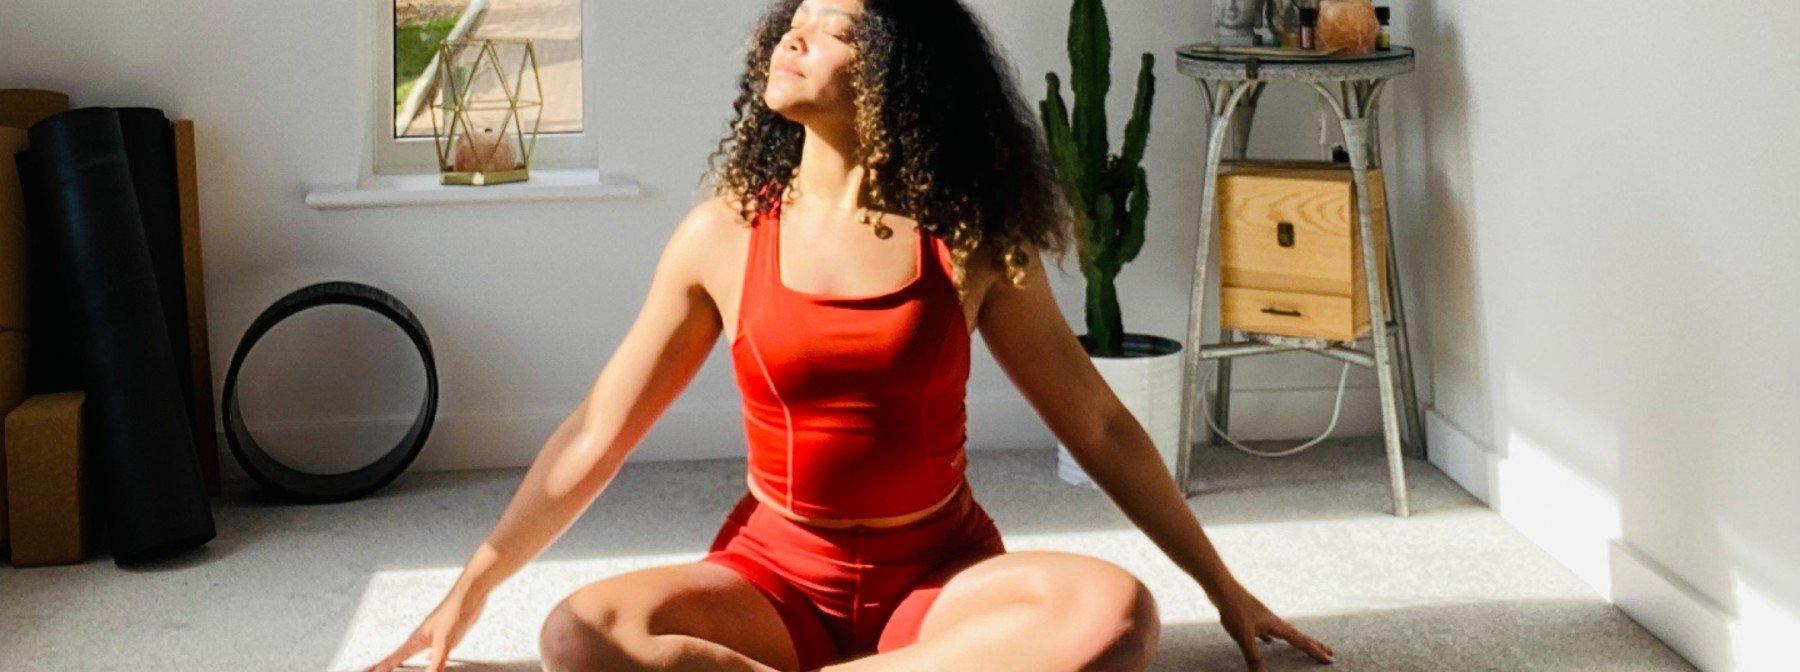 Finde deine Flexibilität mit Composure 2.0 | Gemacht für Yoga